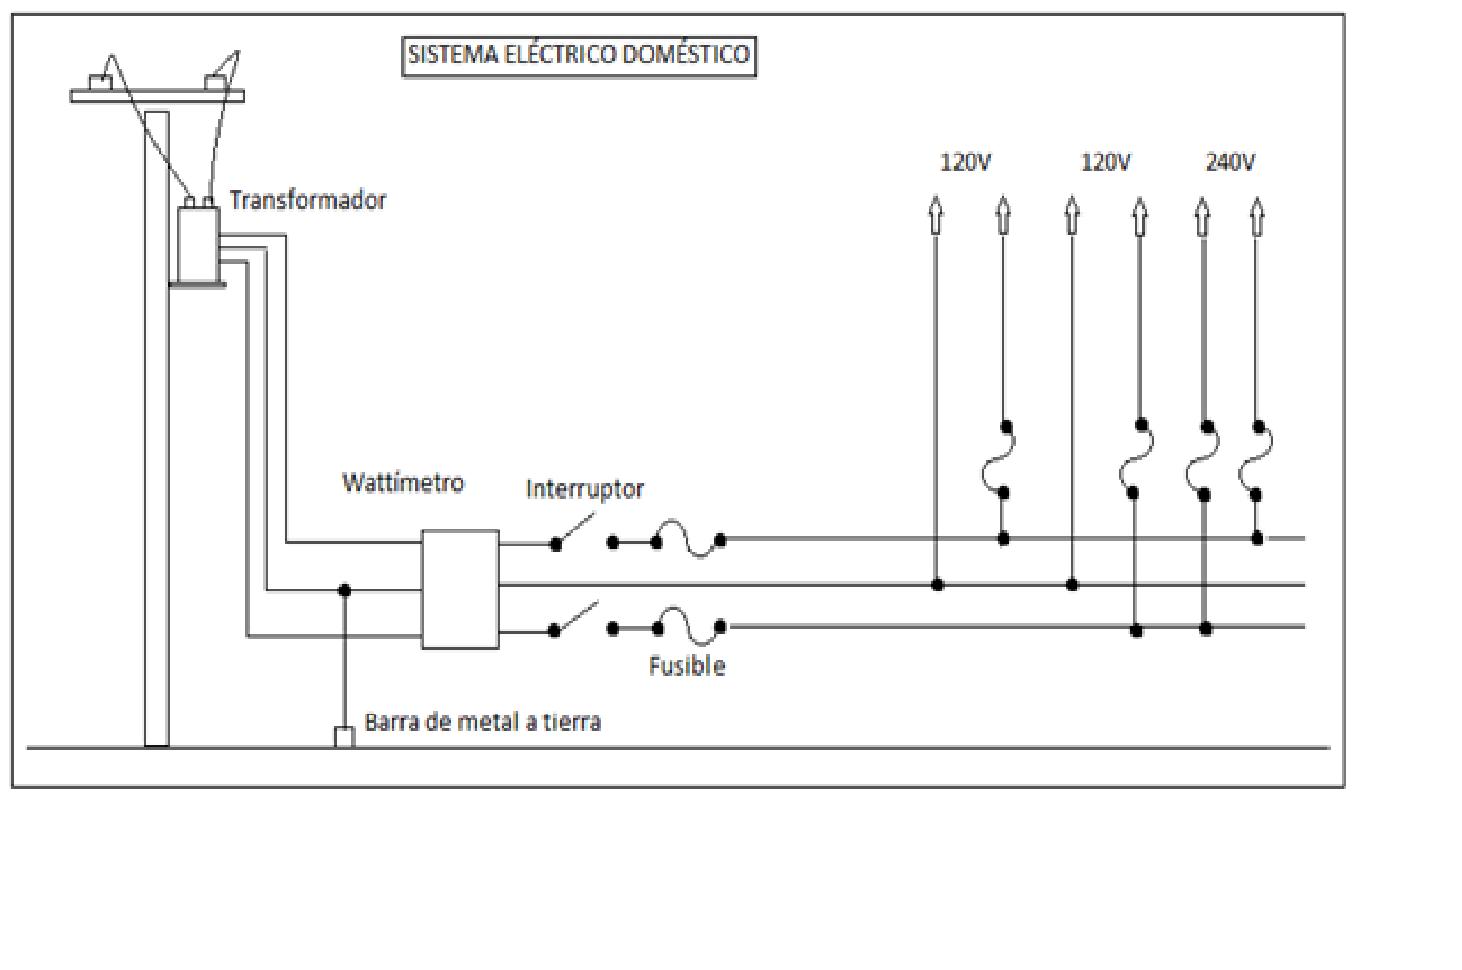 C2 gr3 circuitos ii instalaciones el ctricas dom sticas - Instalacion electrica domestica ...